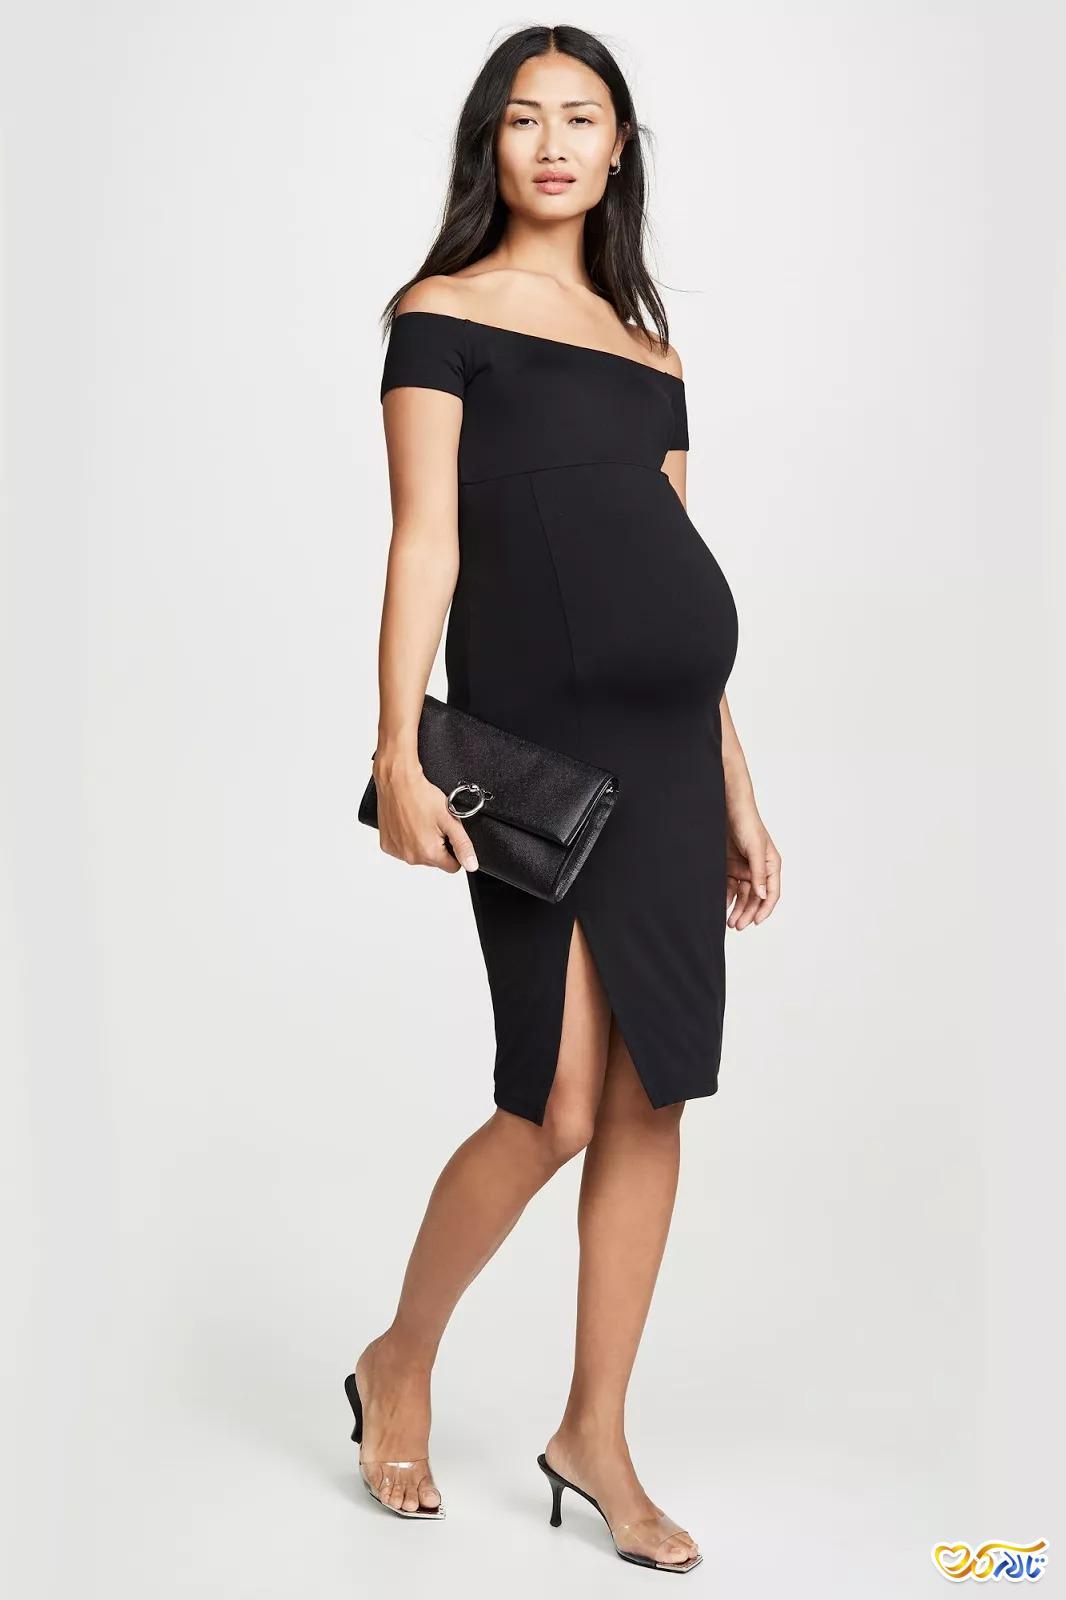 لباس مجلسی بارداری کوتاه